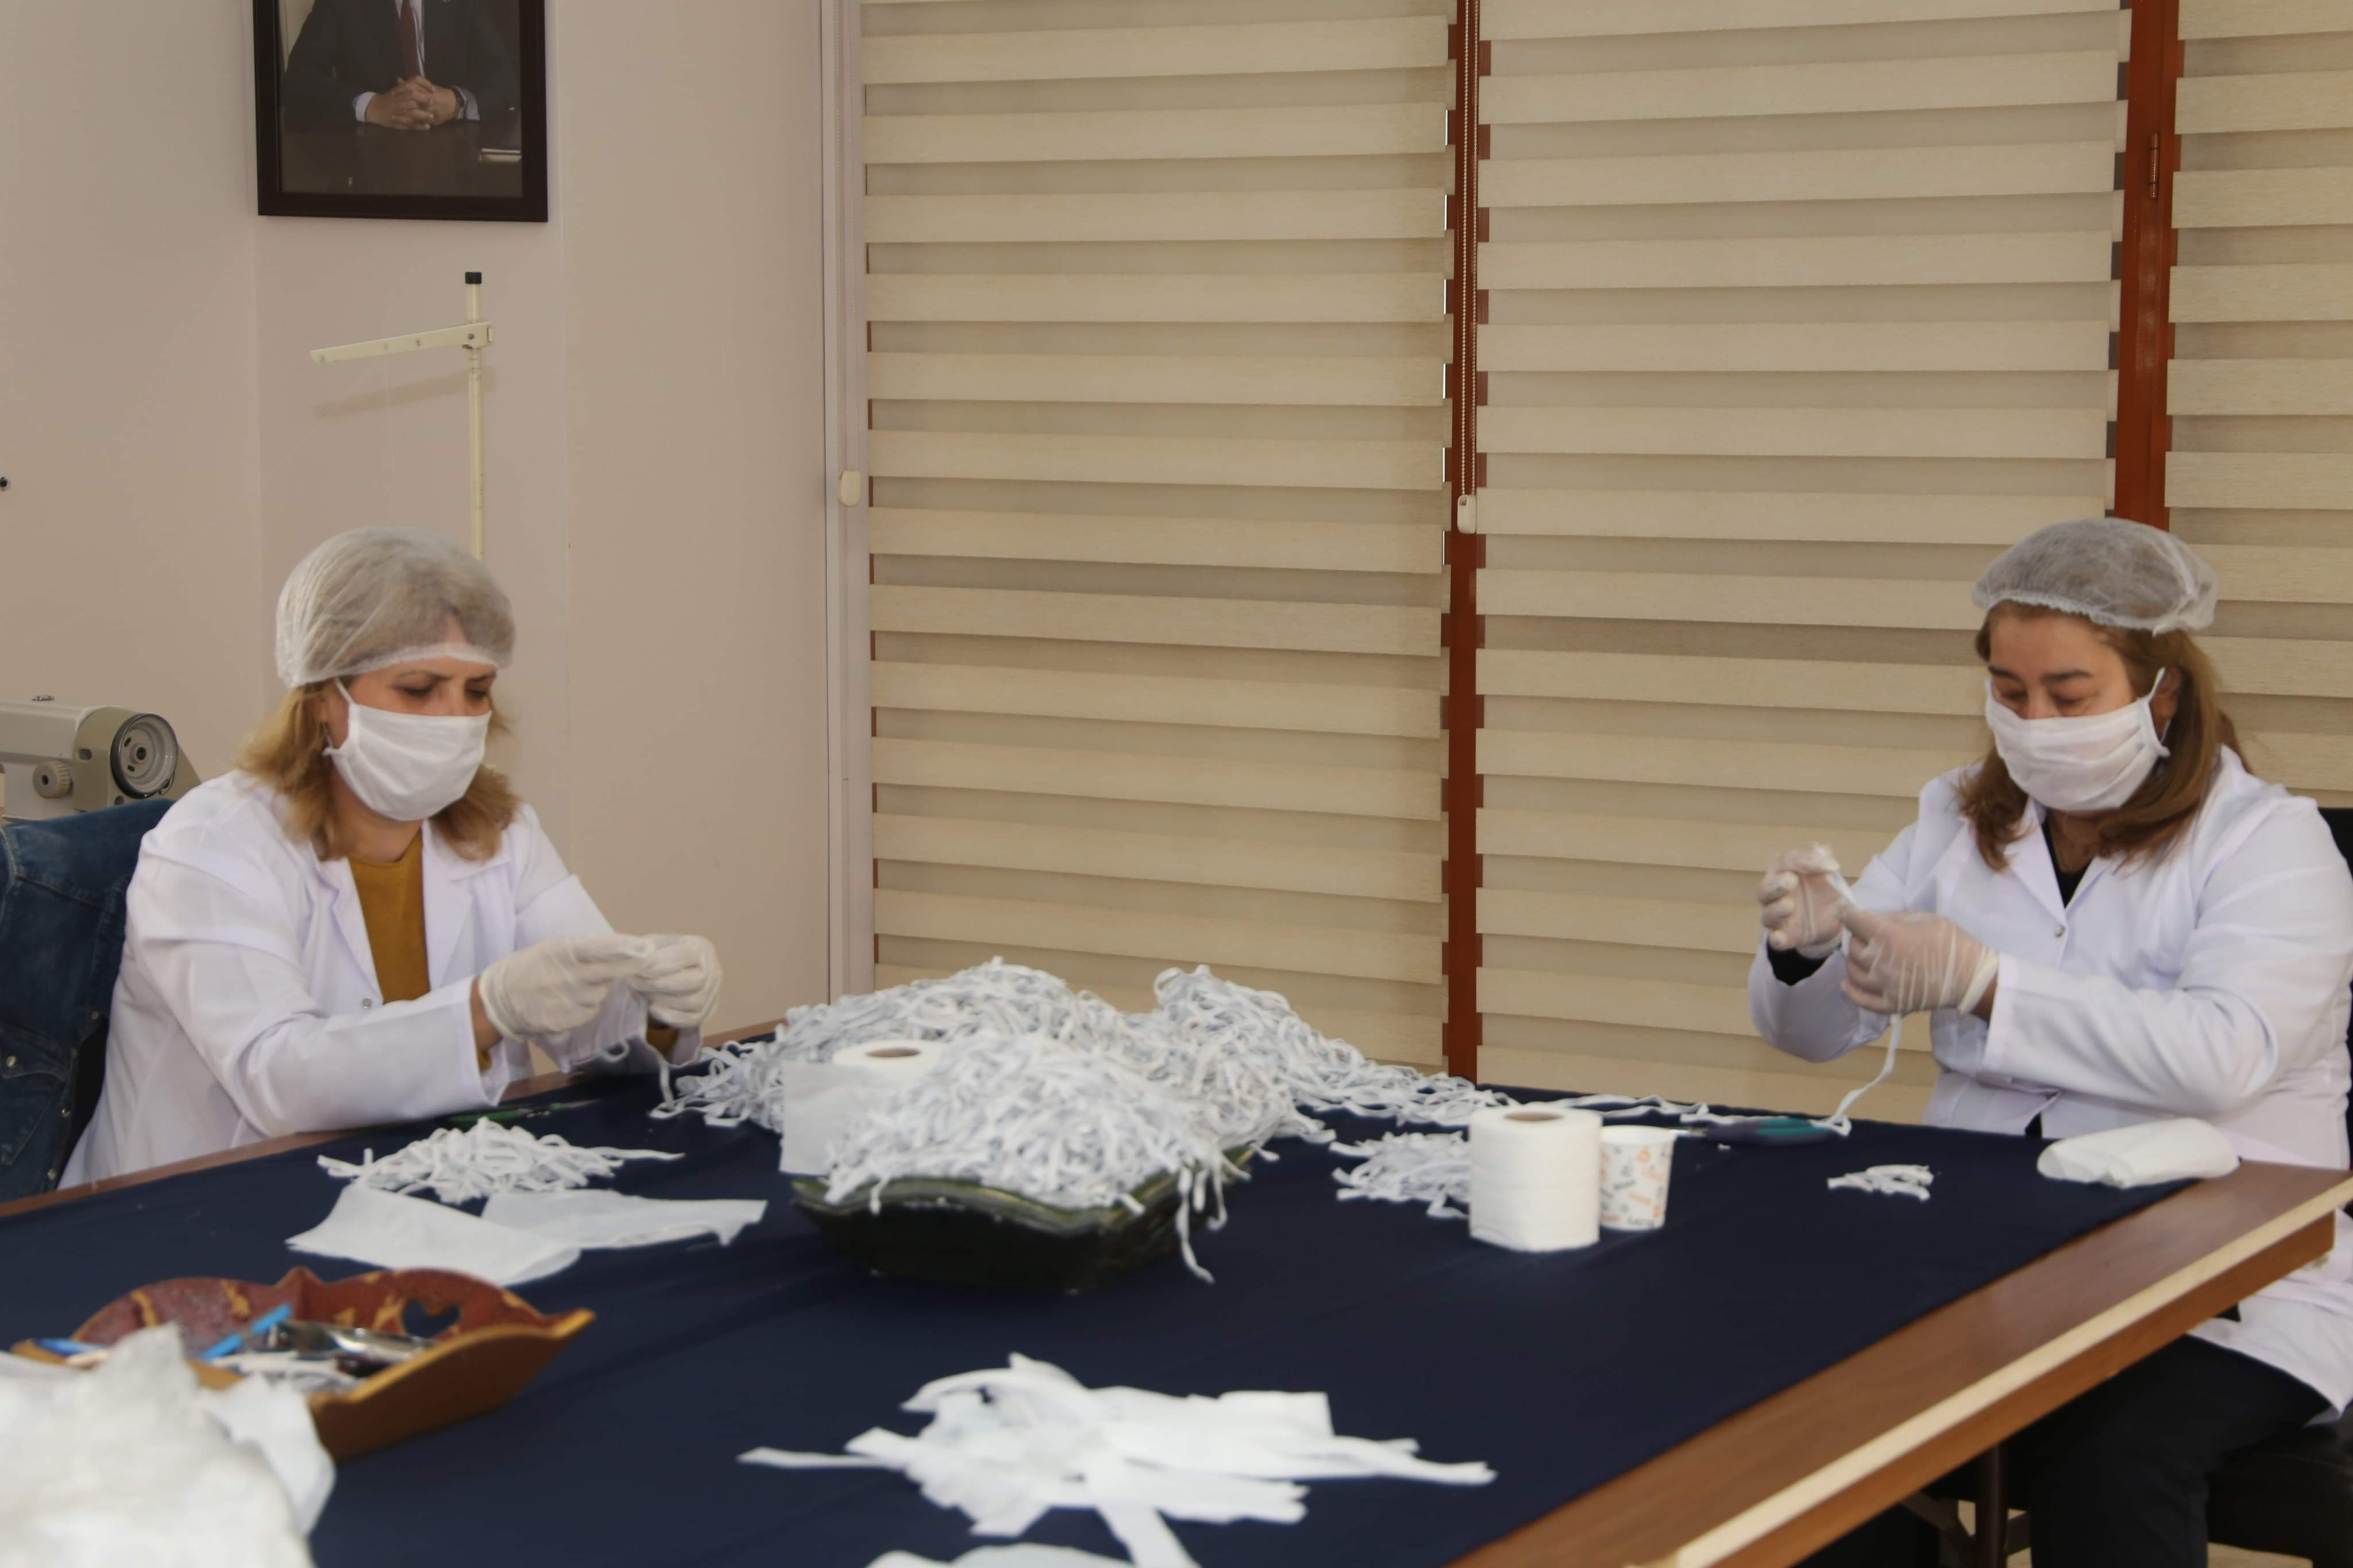 HBB maske üretimine başladı